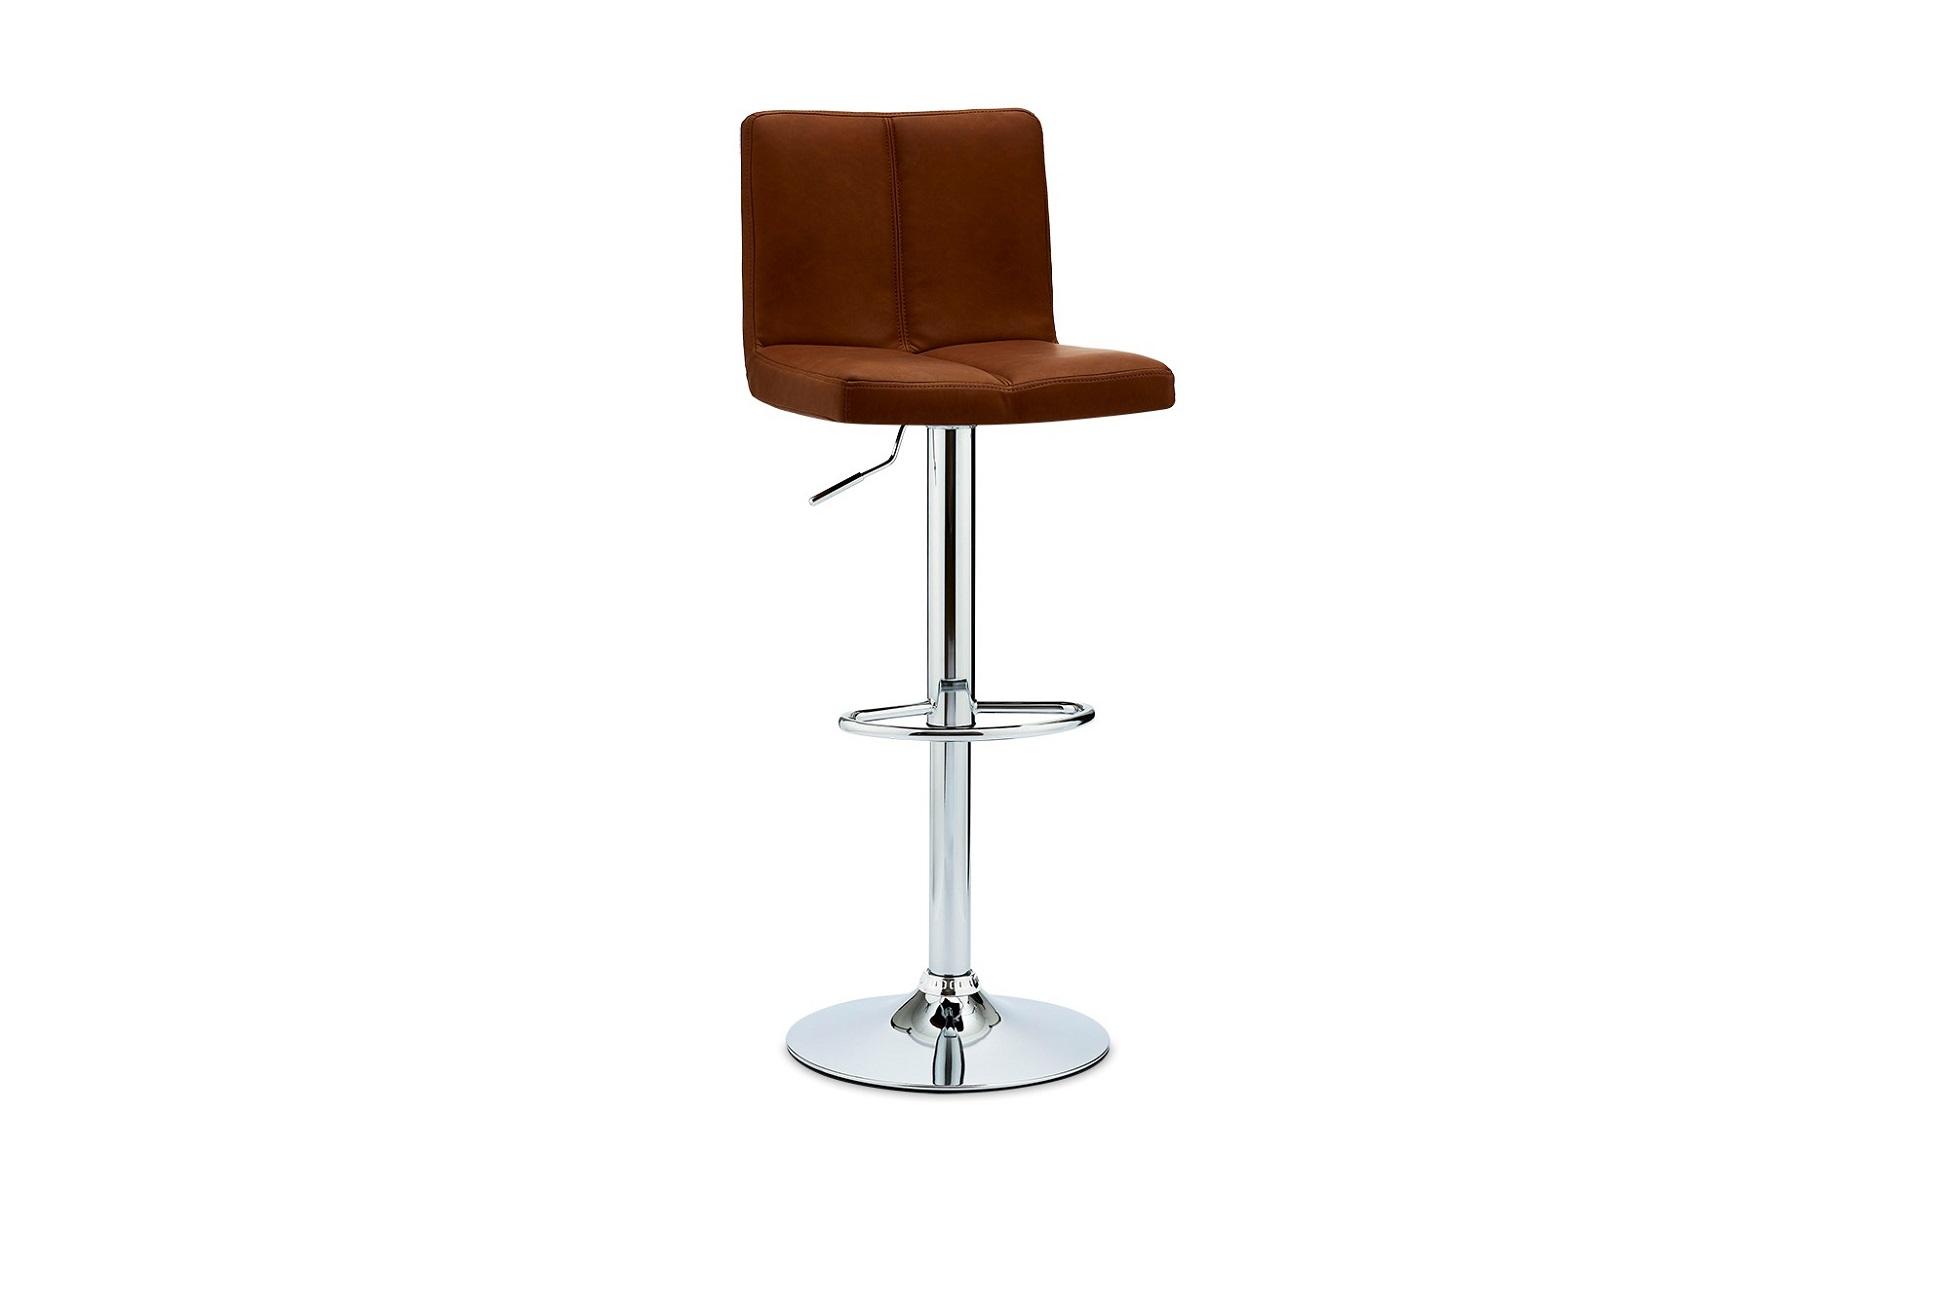 Luxusní barová židle Aesop, světlehněd